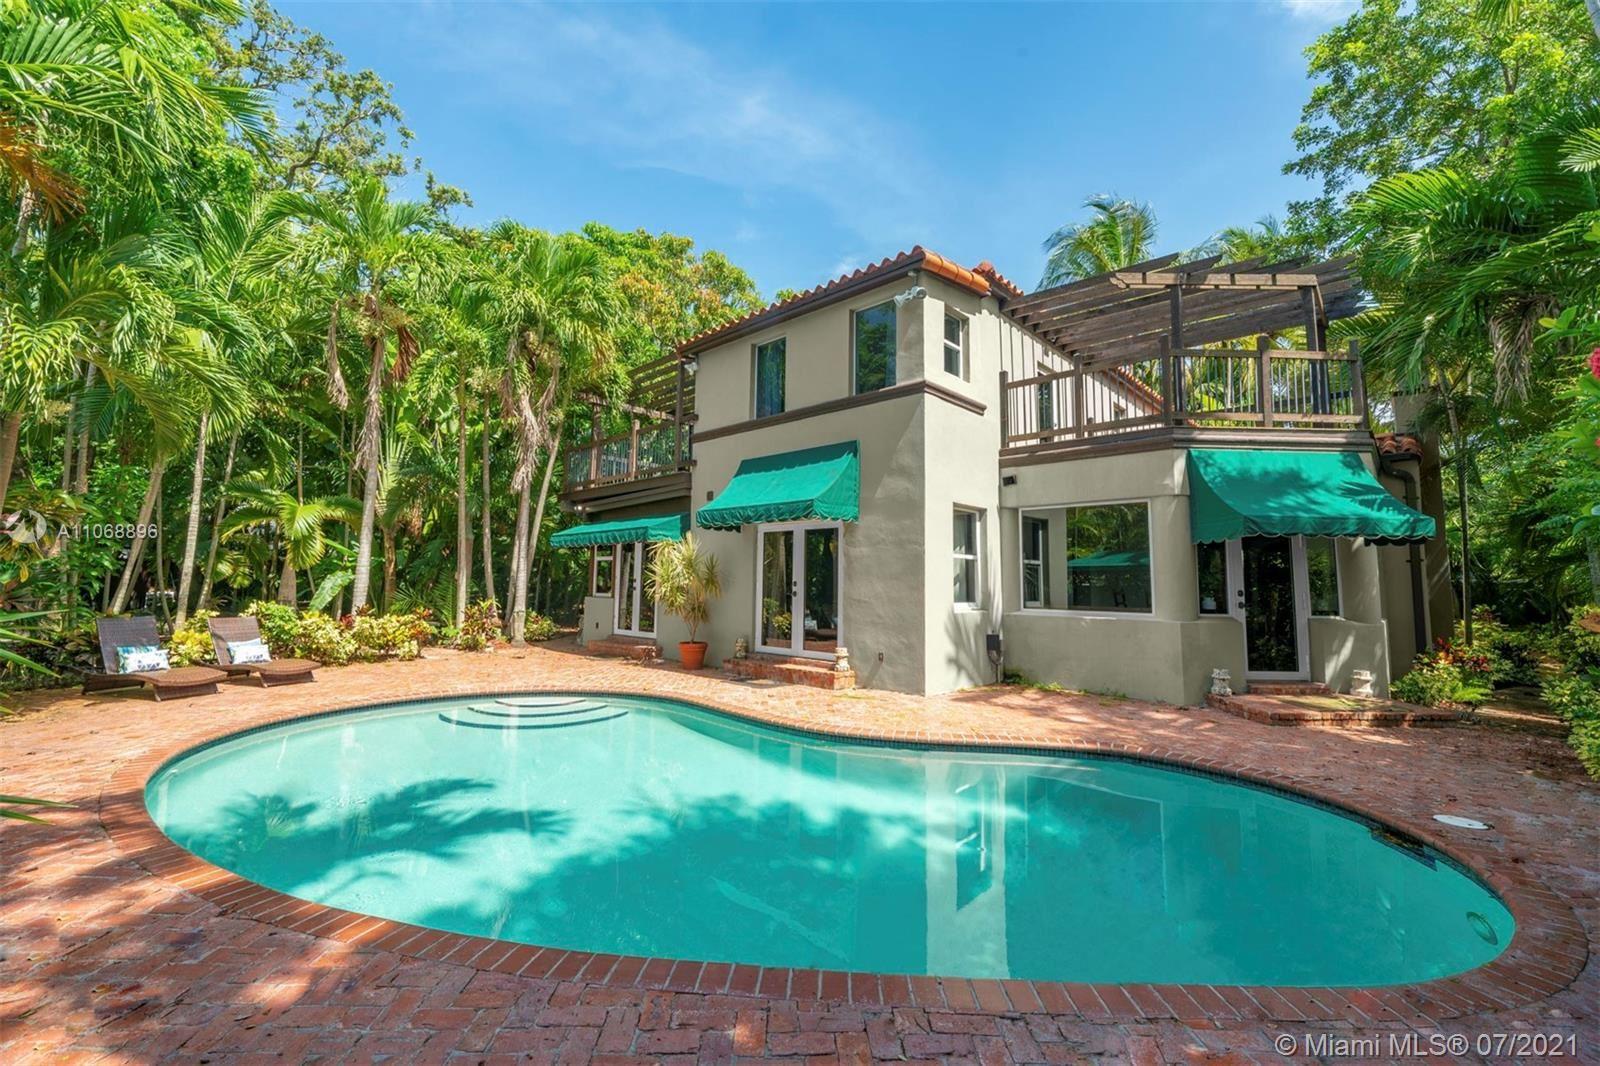 724 NE 82nd St, Miami, FL 33138 - #: A11068896